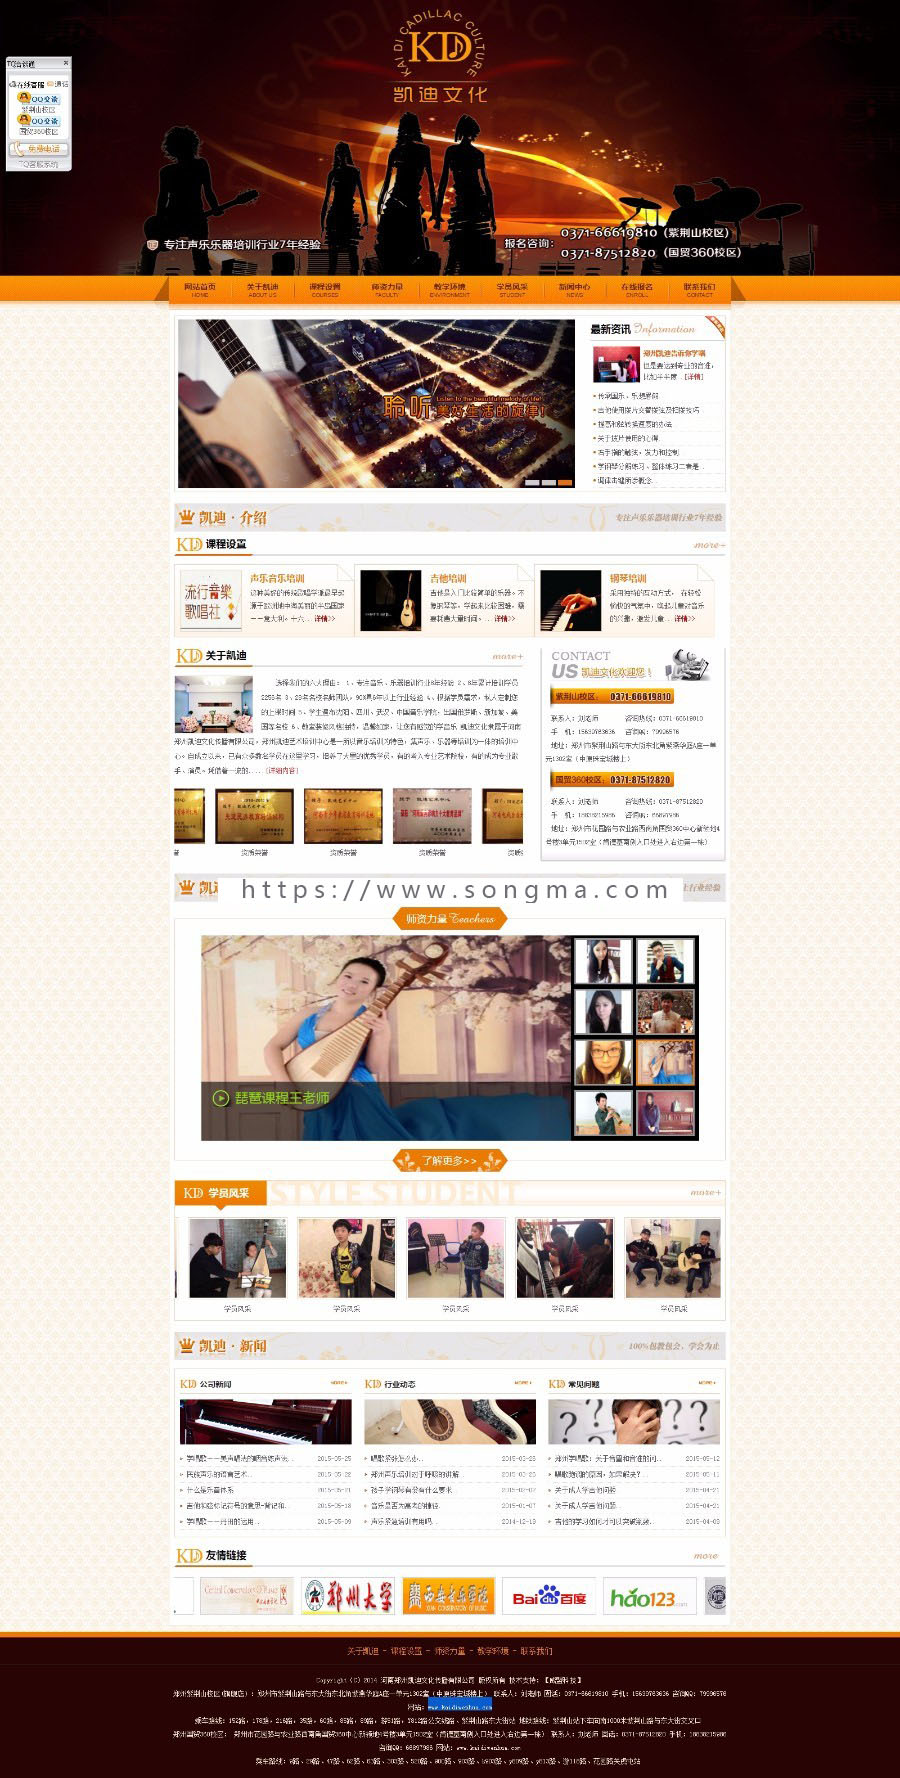 音乐培训、吉他培训、声乐培训、唱歌培训、钢琴培训郑州凯迪文化传播网站源码